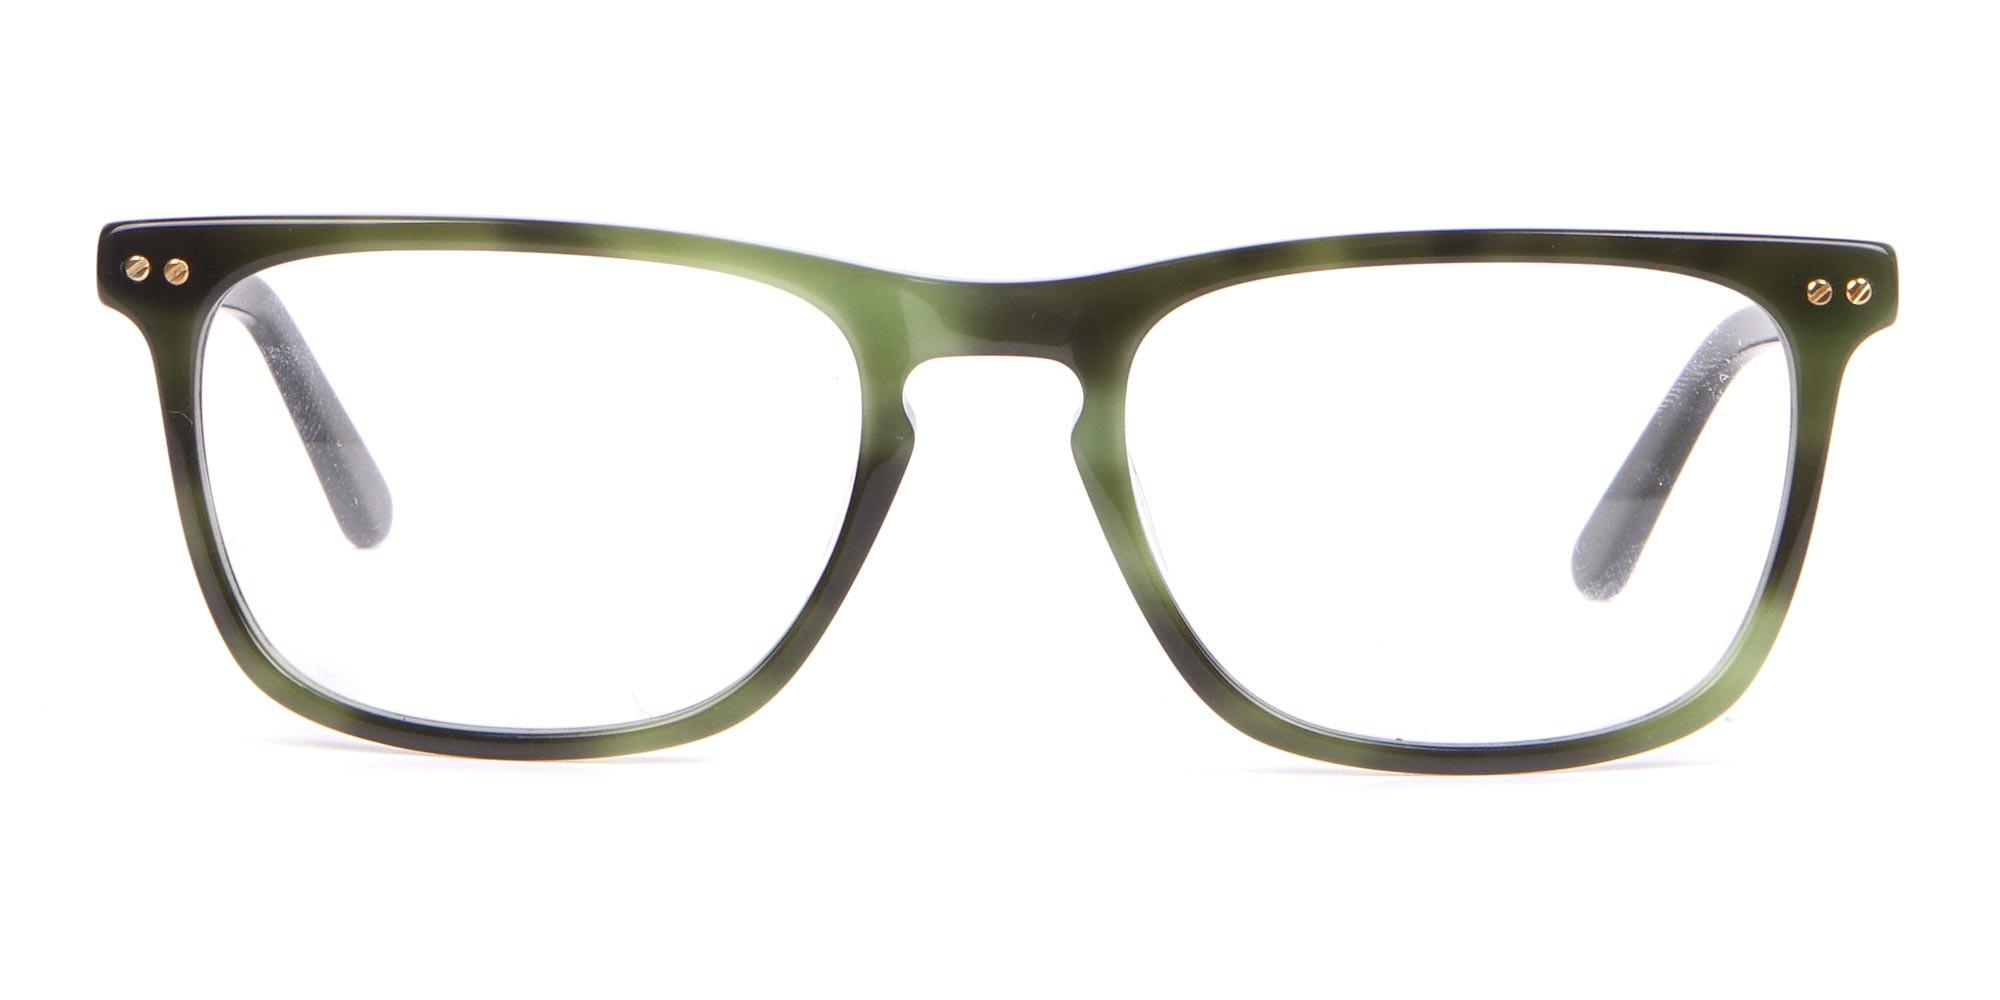 Calvin Klein CK18513 Rectangular Glasses in Green Tortoise-1